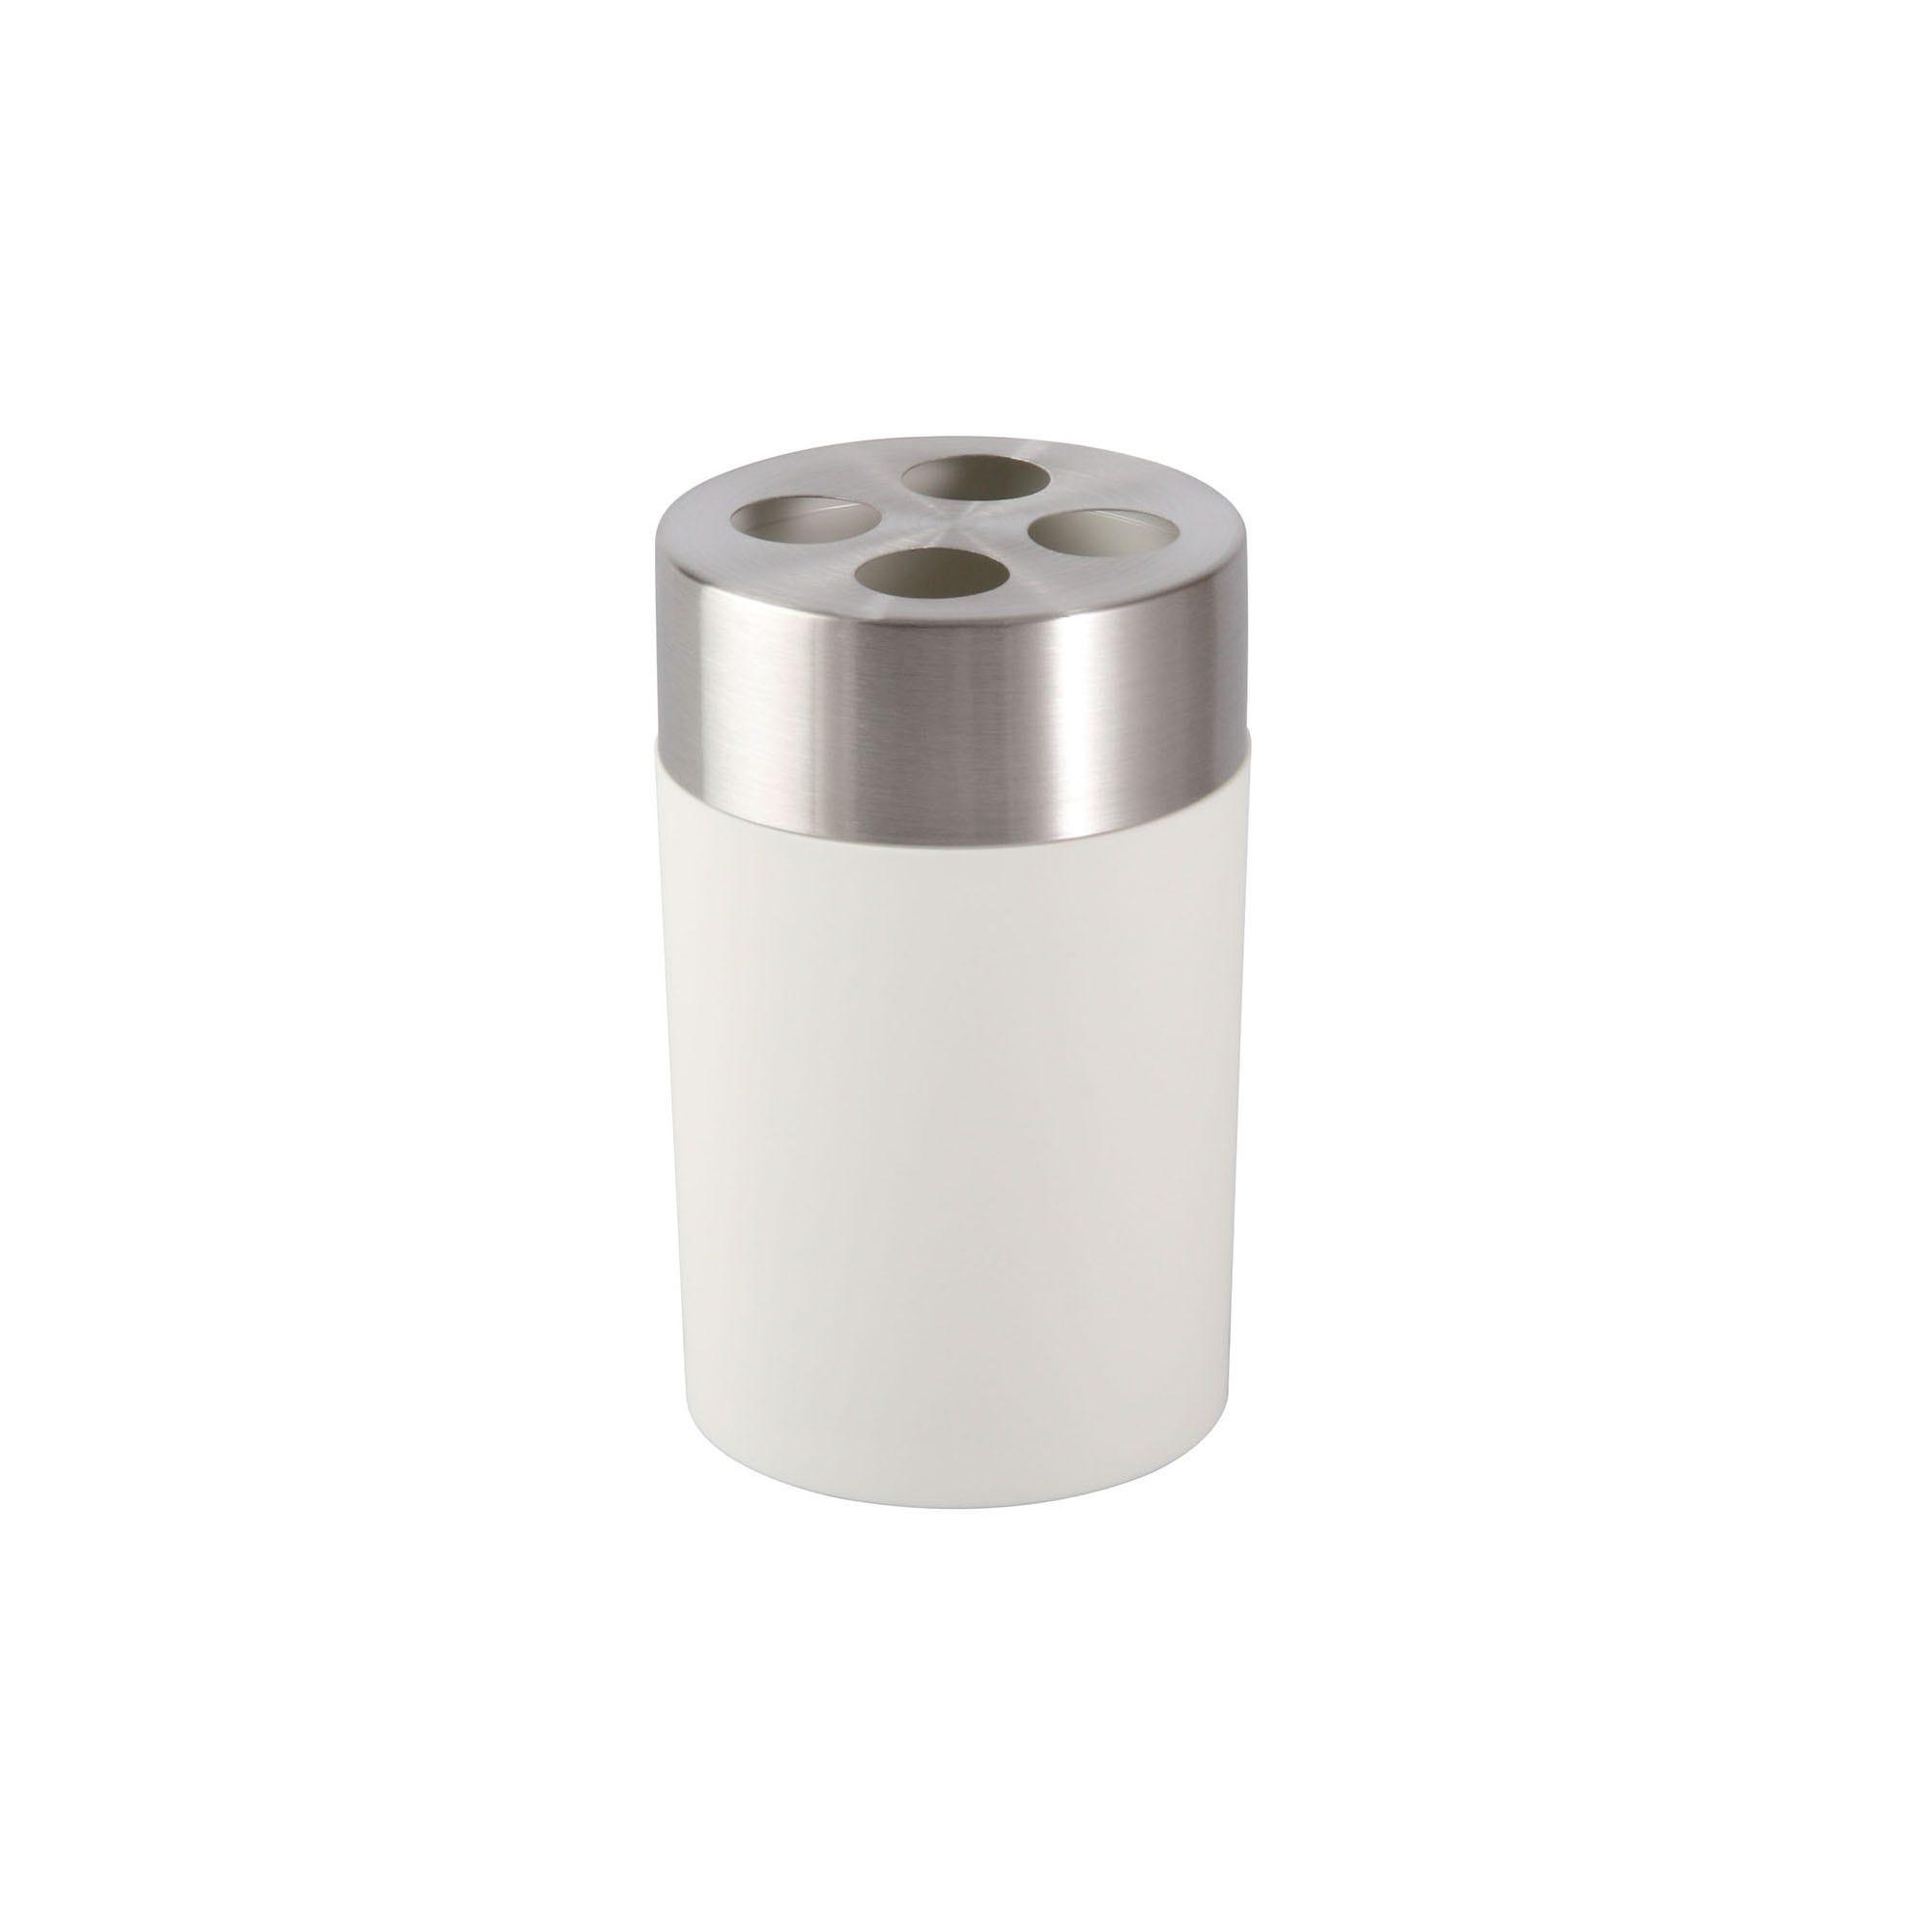 Portacepillos de dientes Namaro Design™, con tapa de acero inoxidable en blanco